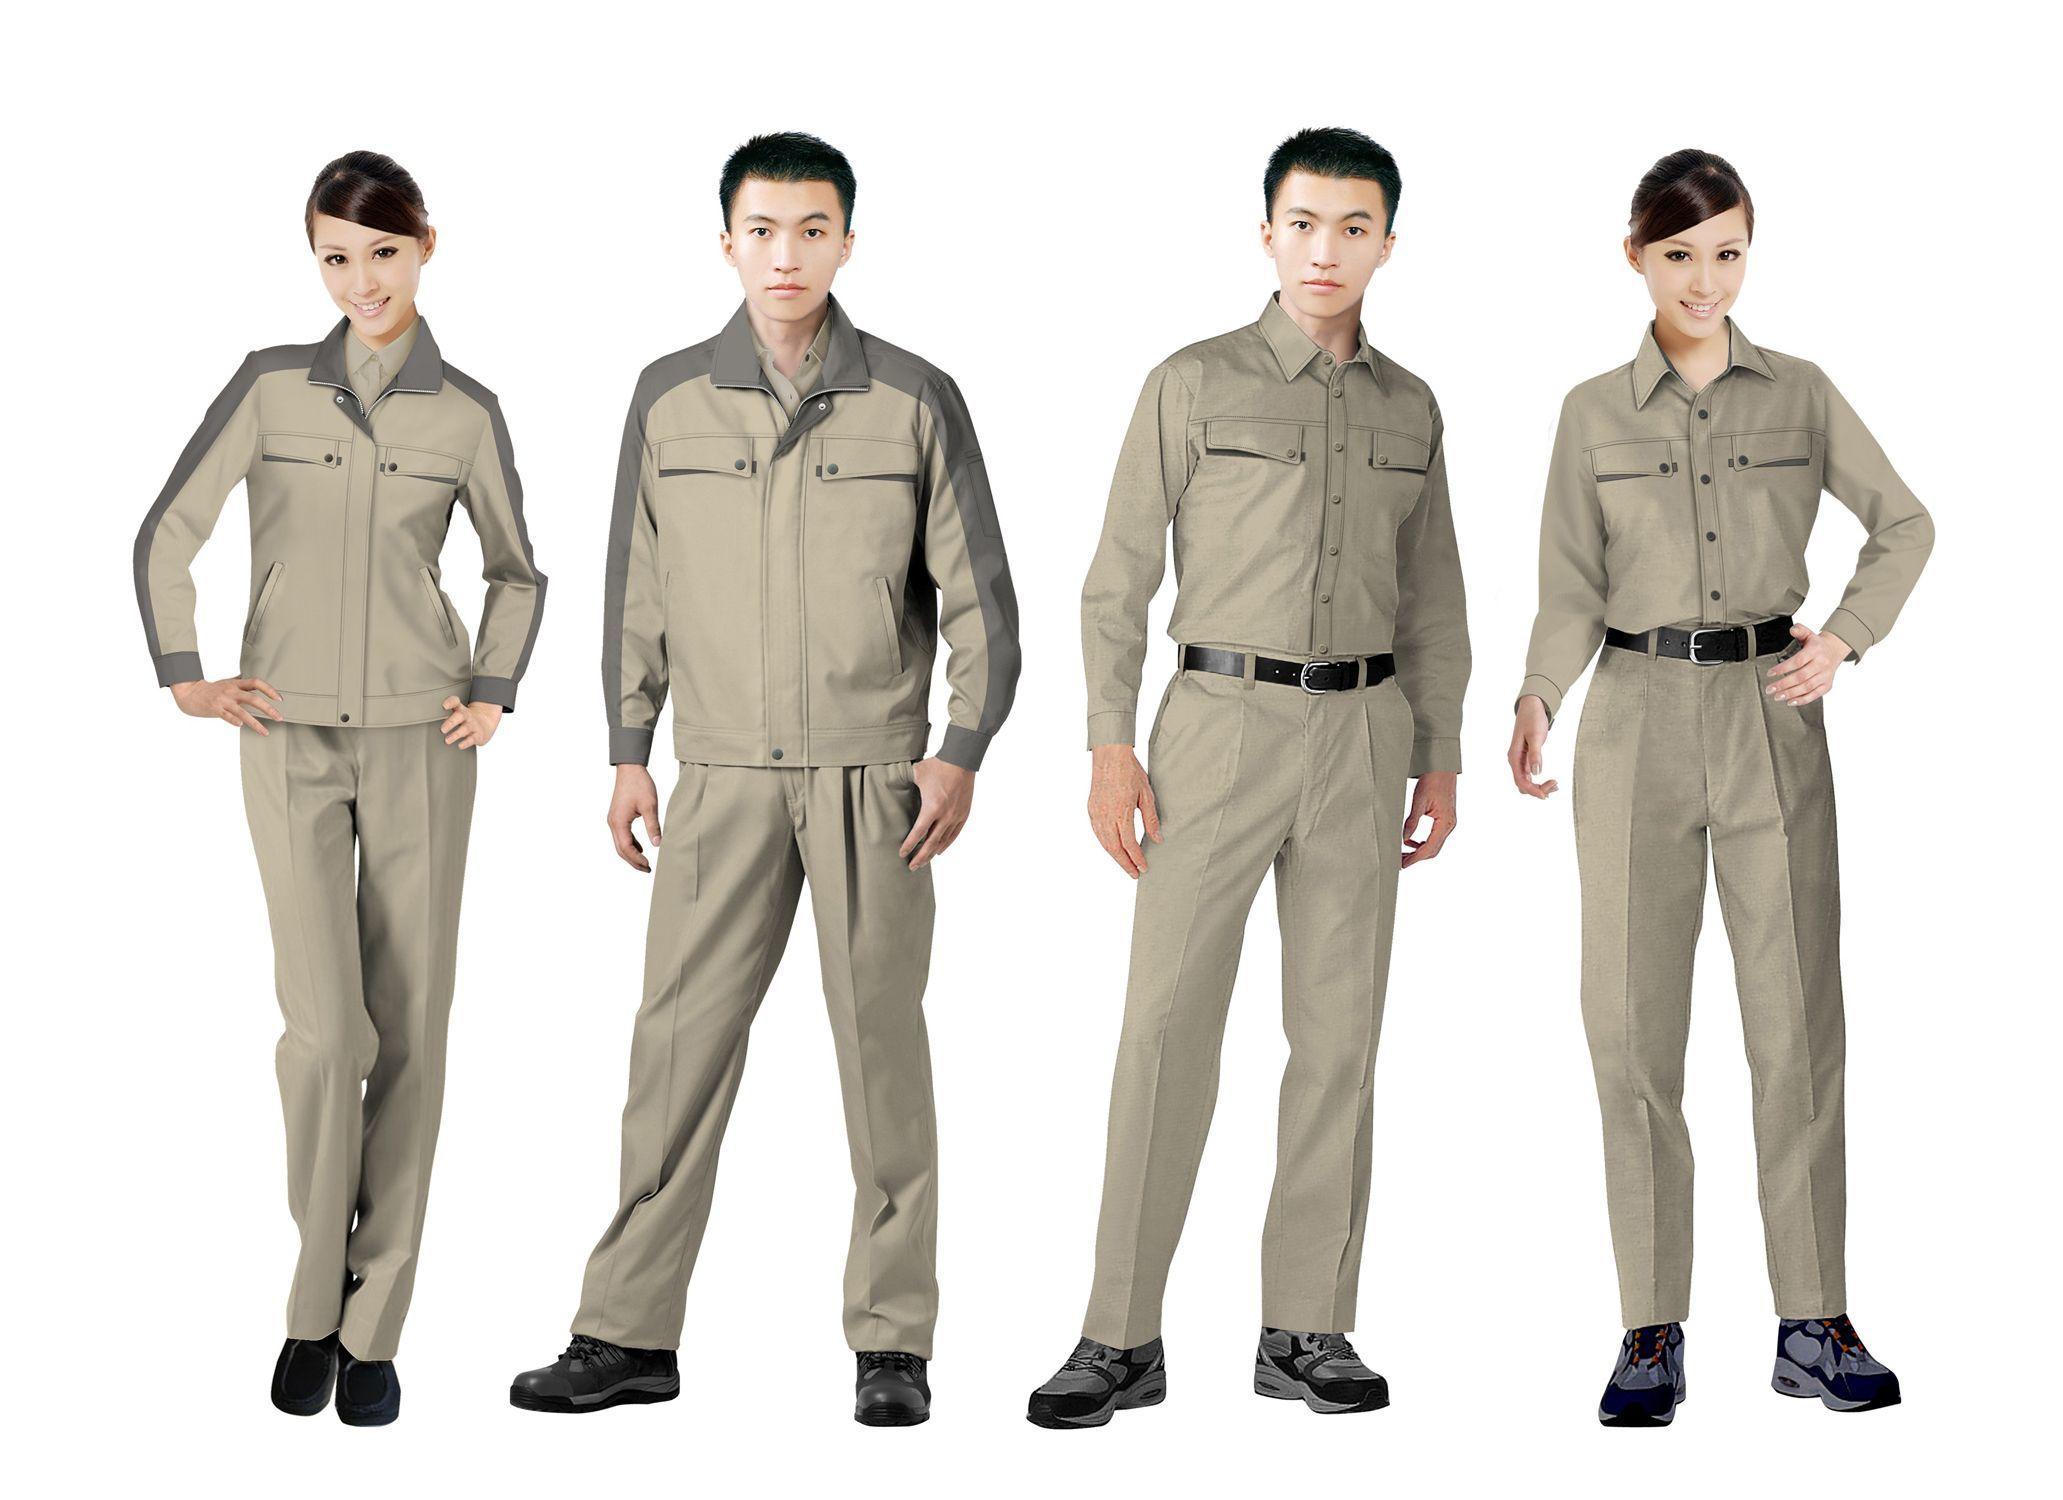 工作服设计图系列方案05